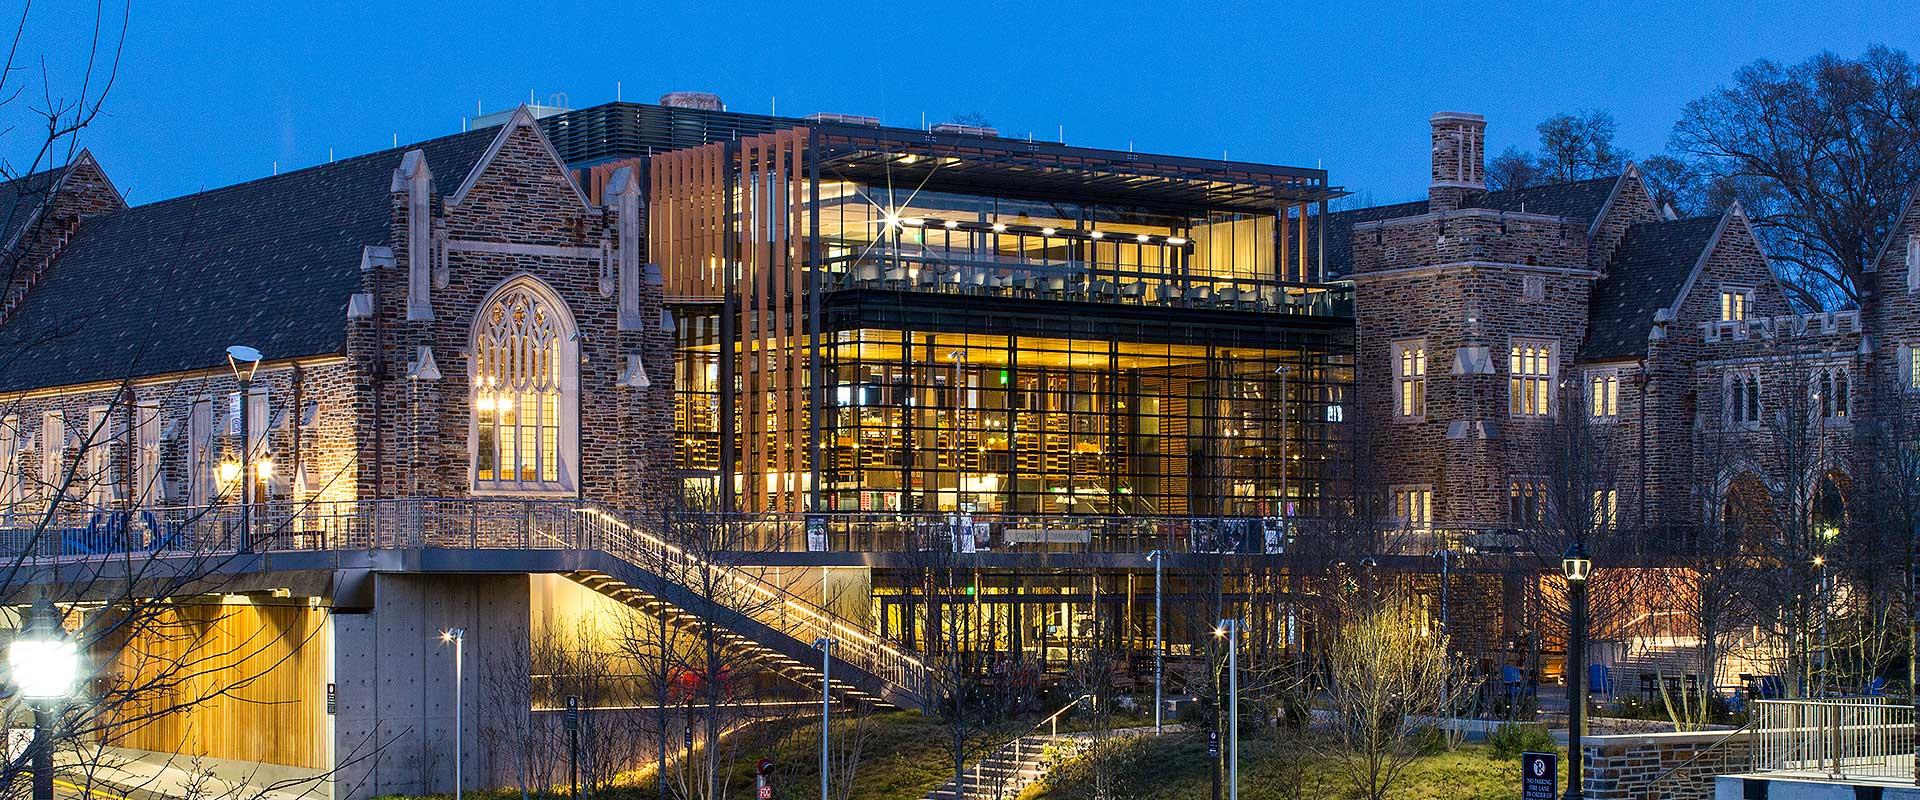 Campusul de vest al Universitatii Duke, una dintre universitatile leader la nivel mondial in aplicatii din domeniul biotehnologiei.